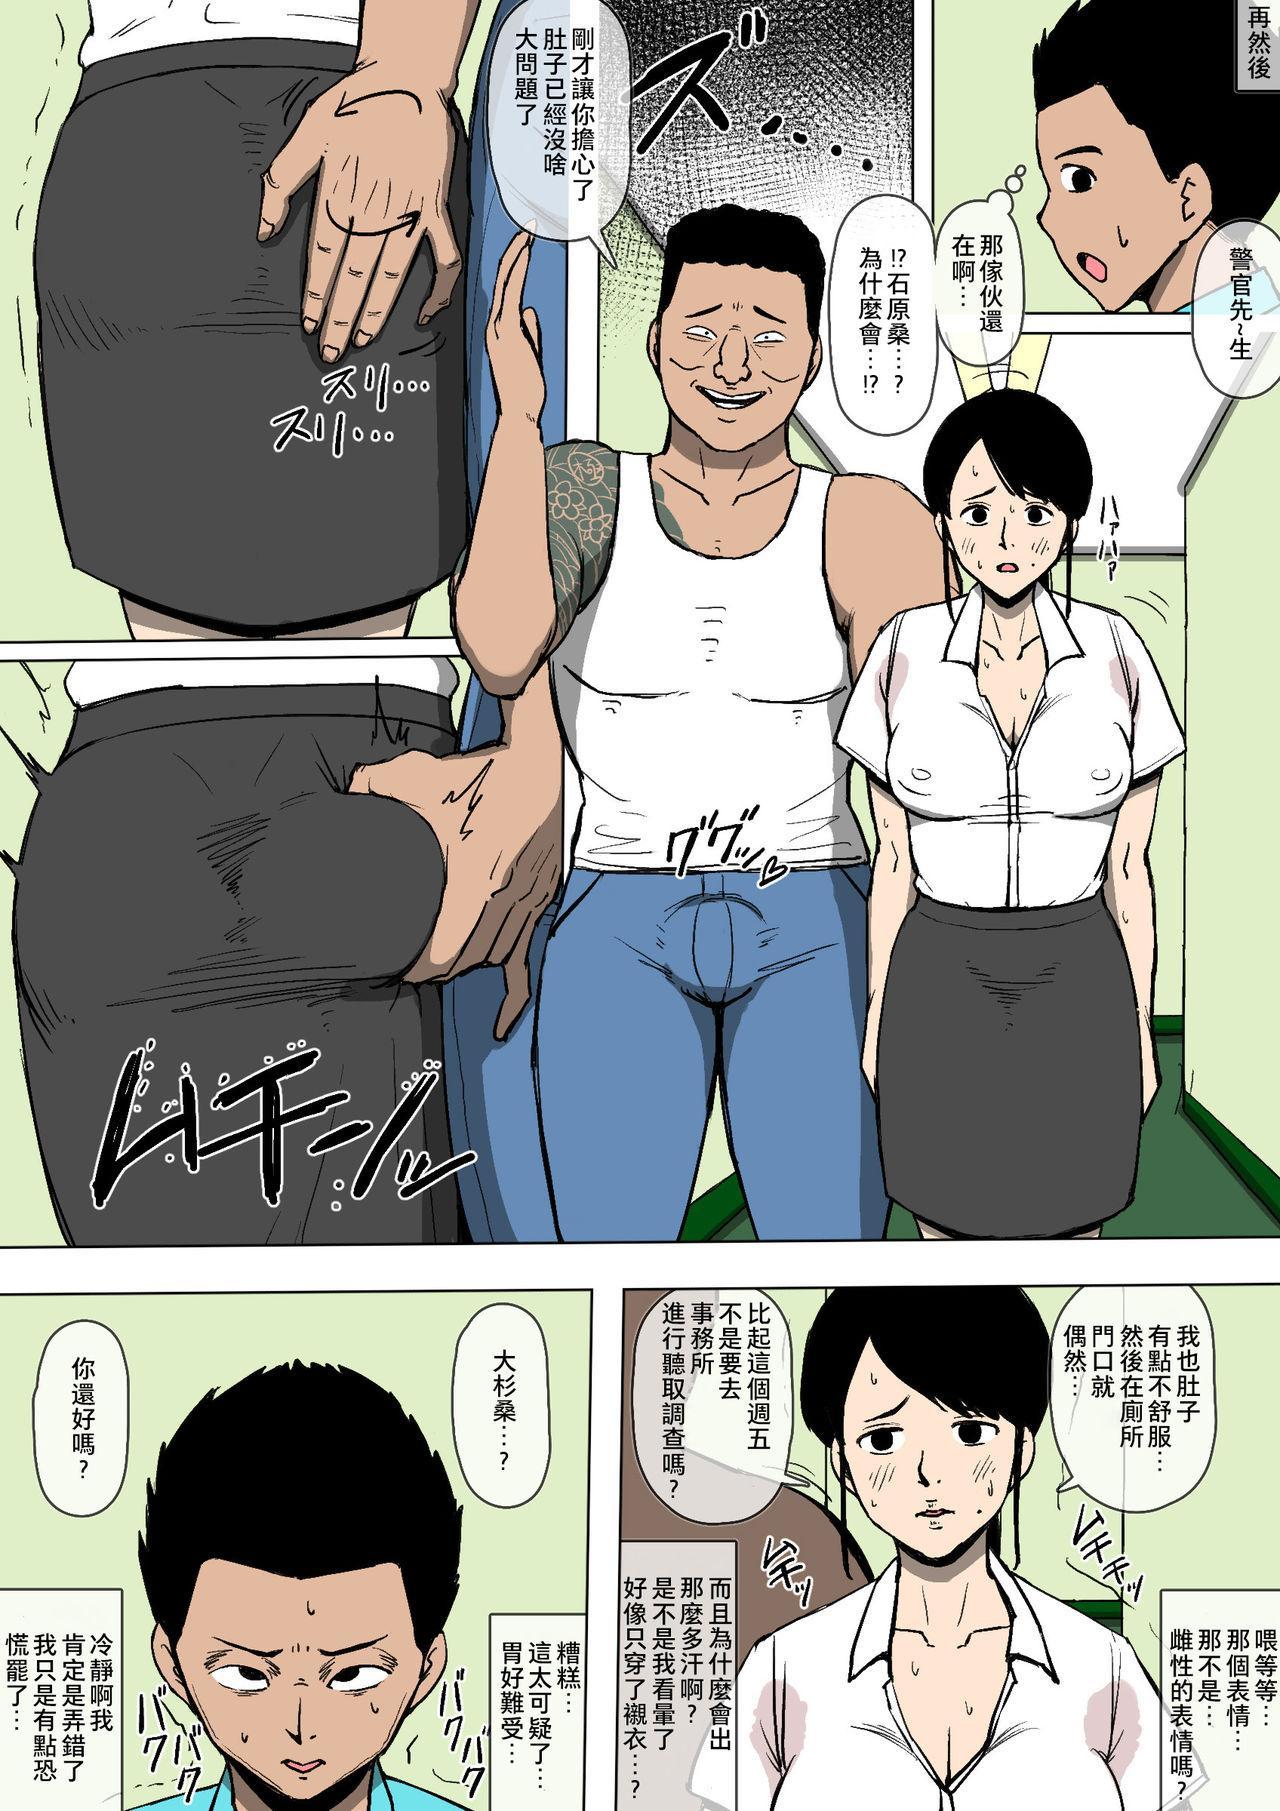 Josei Junsa ga Bouryokudan to Kousai Shite Ita 10